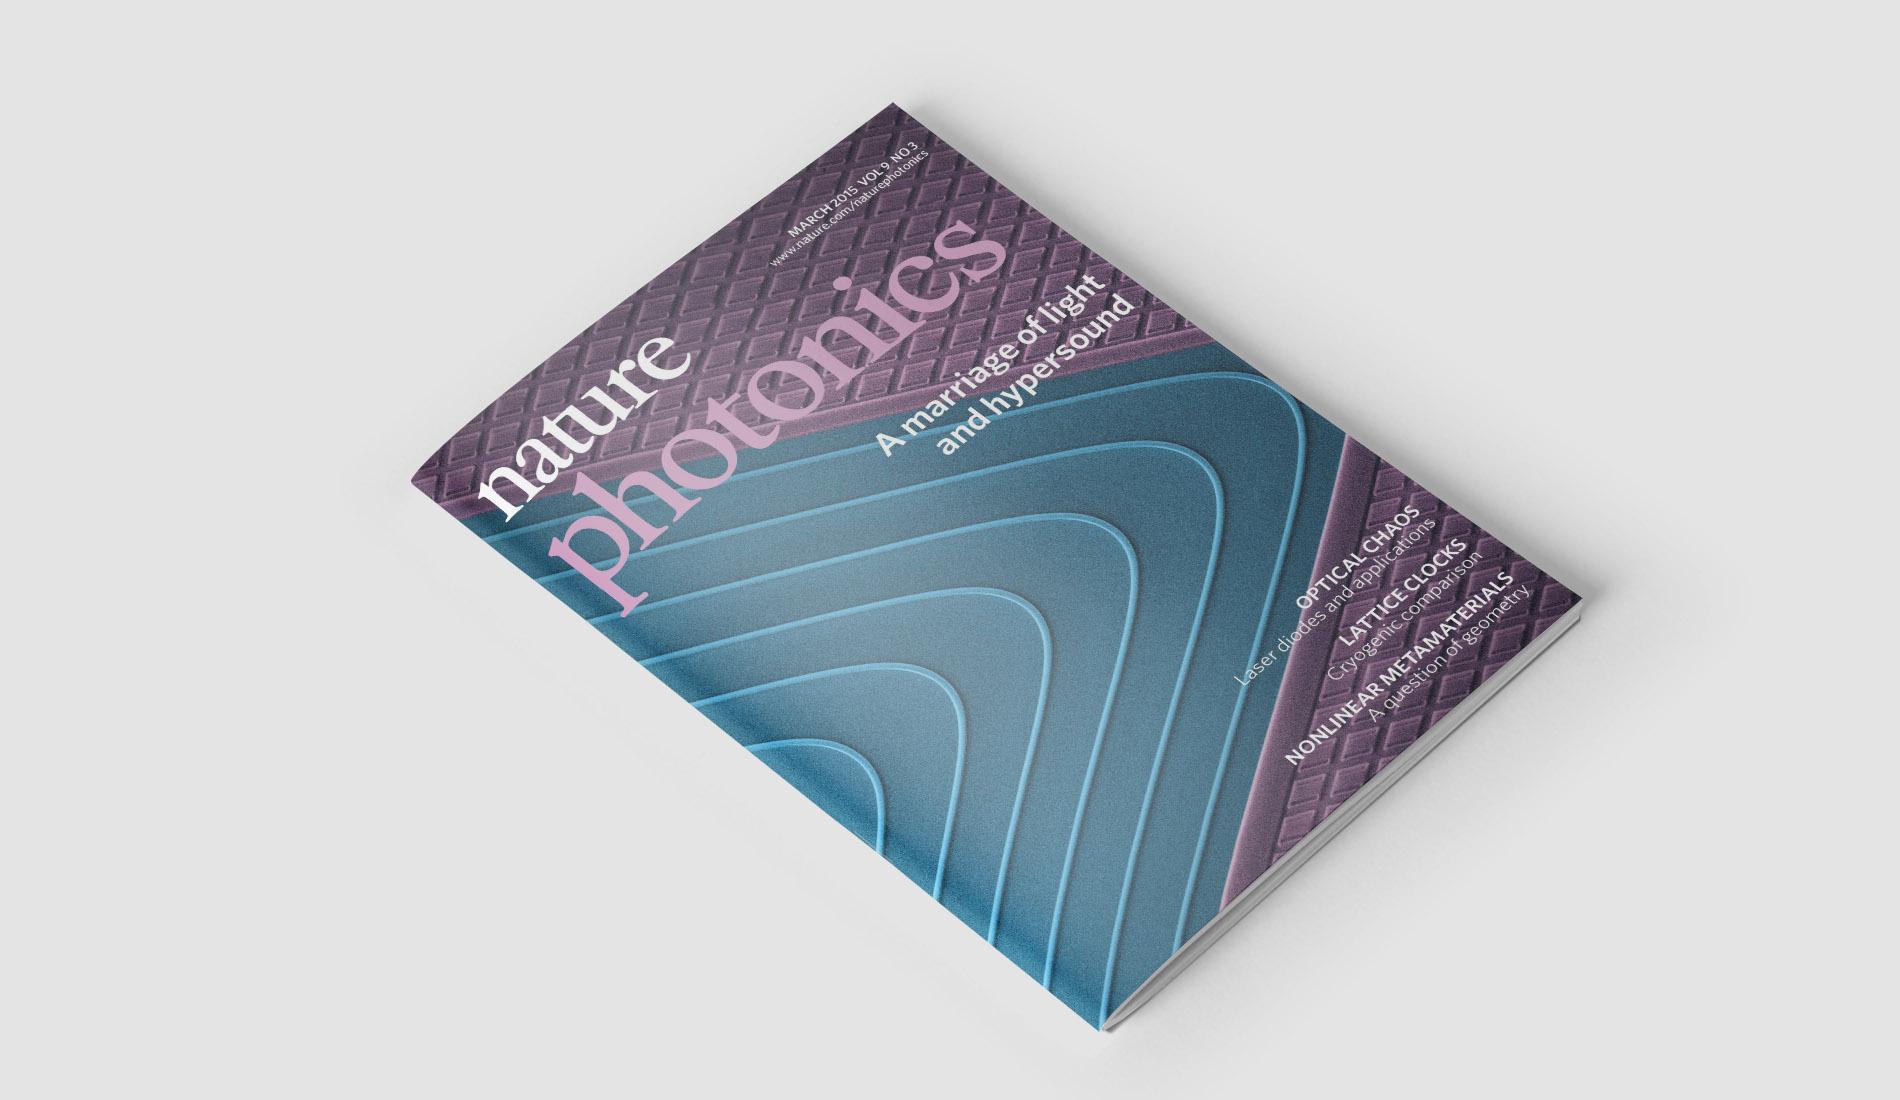 Découvrez la revue d'optique Nature photonics !